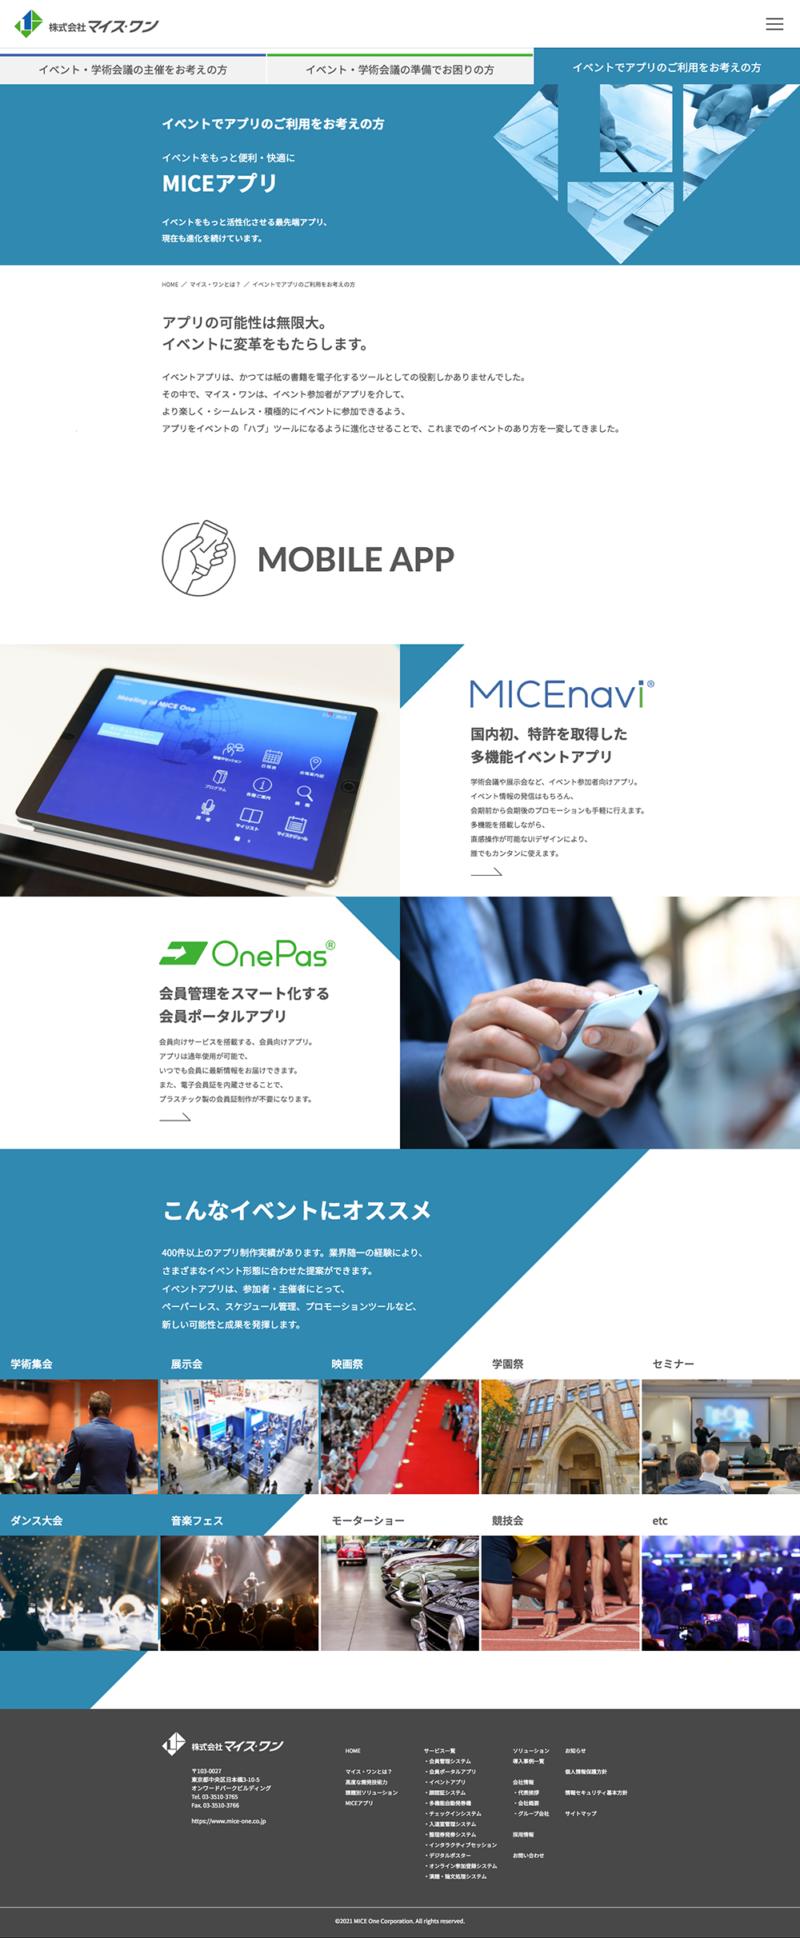 株式会社マイス・ワン様|コーポレートサイト/「イベントアプリ」ページ